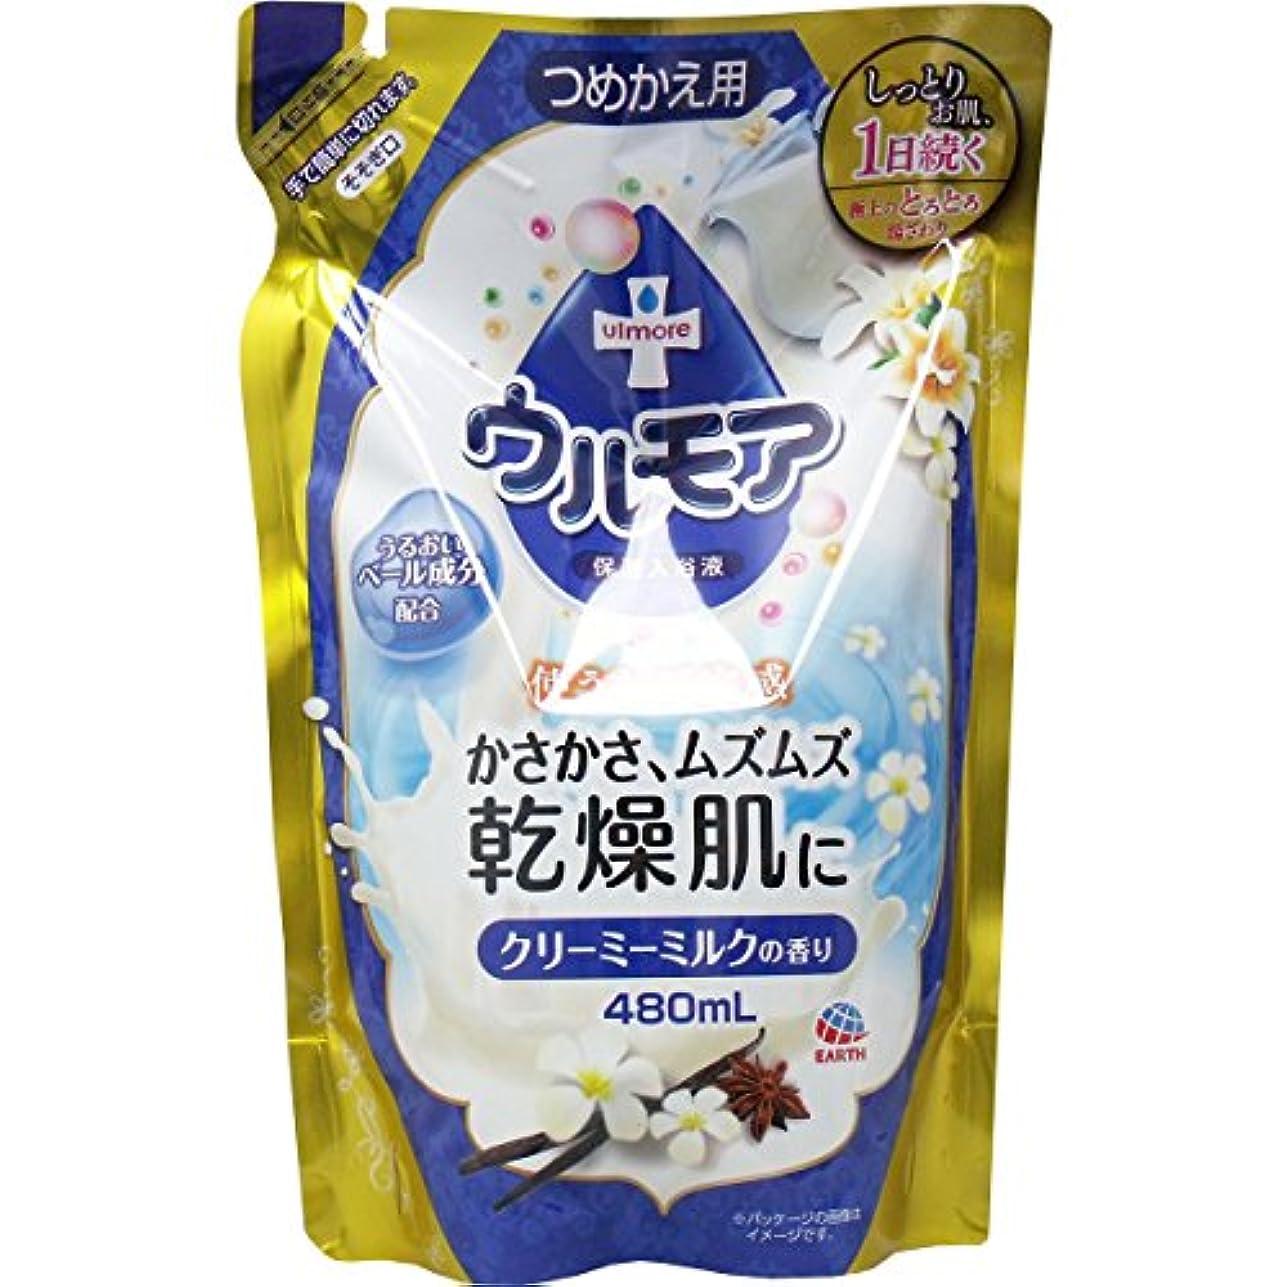 パイ禁止する乙女保湿入浴液ウルモアクリーミーミルク 替え × 5個セット